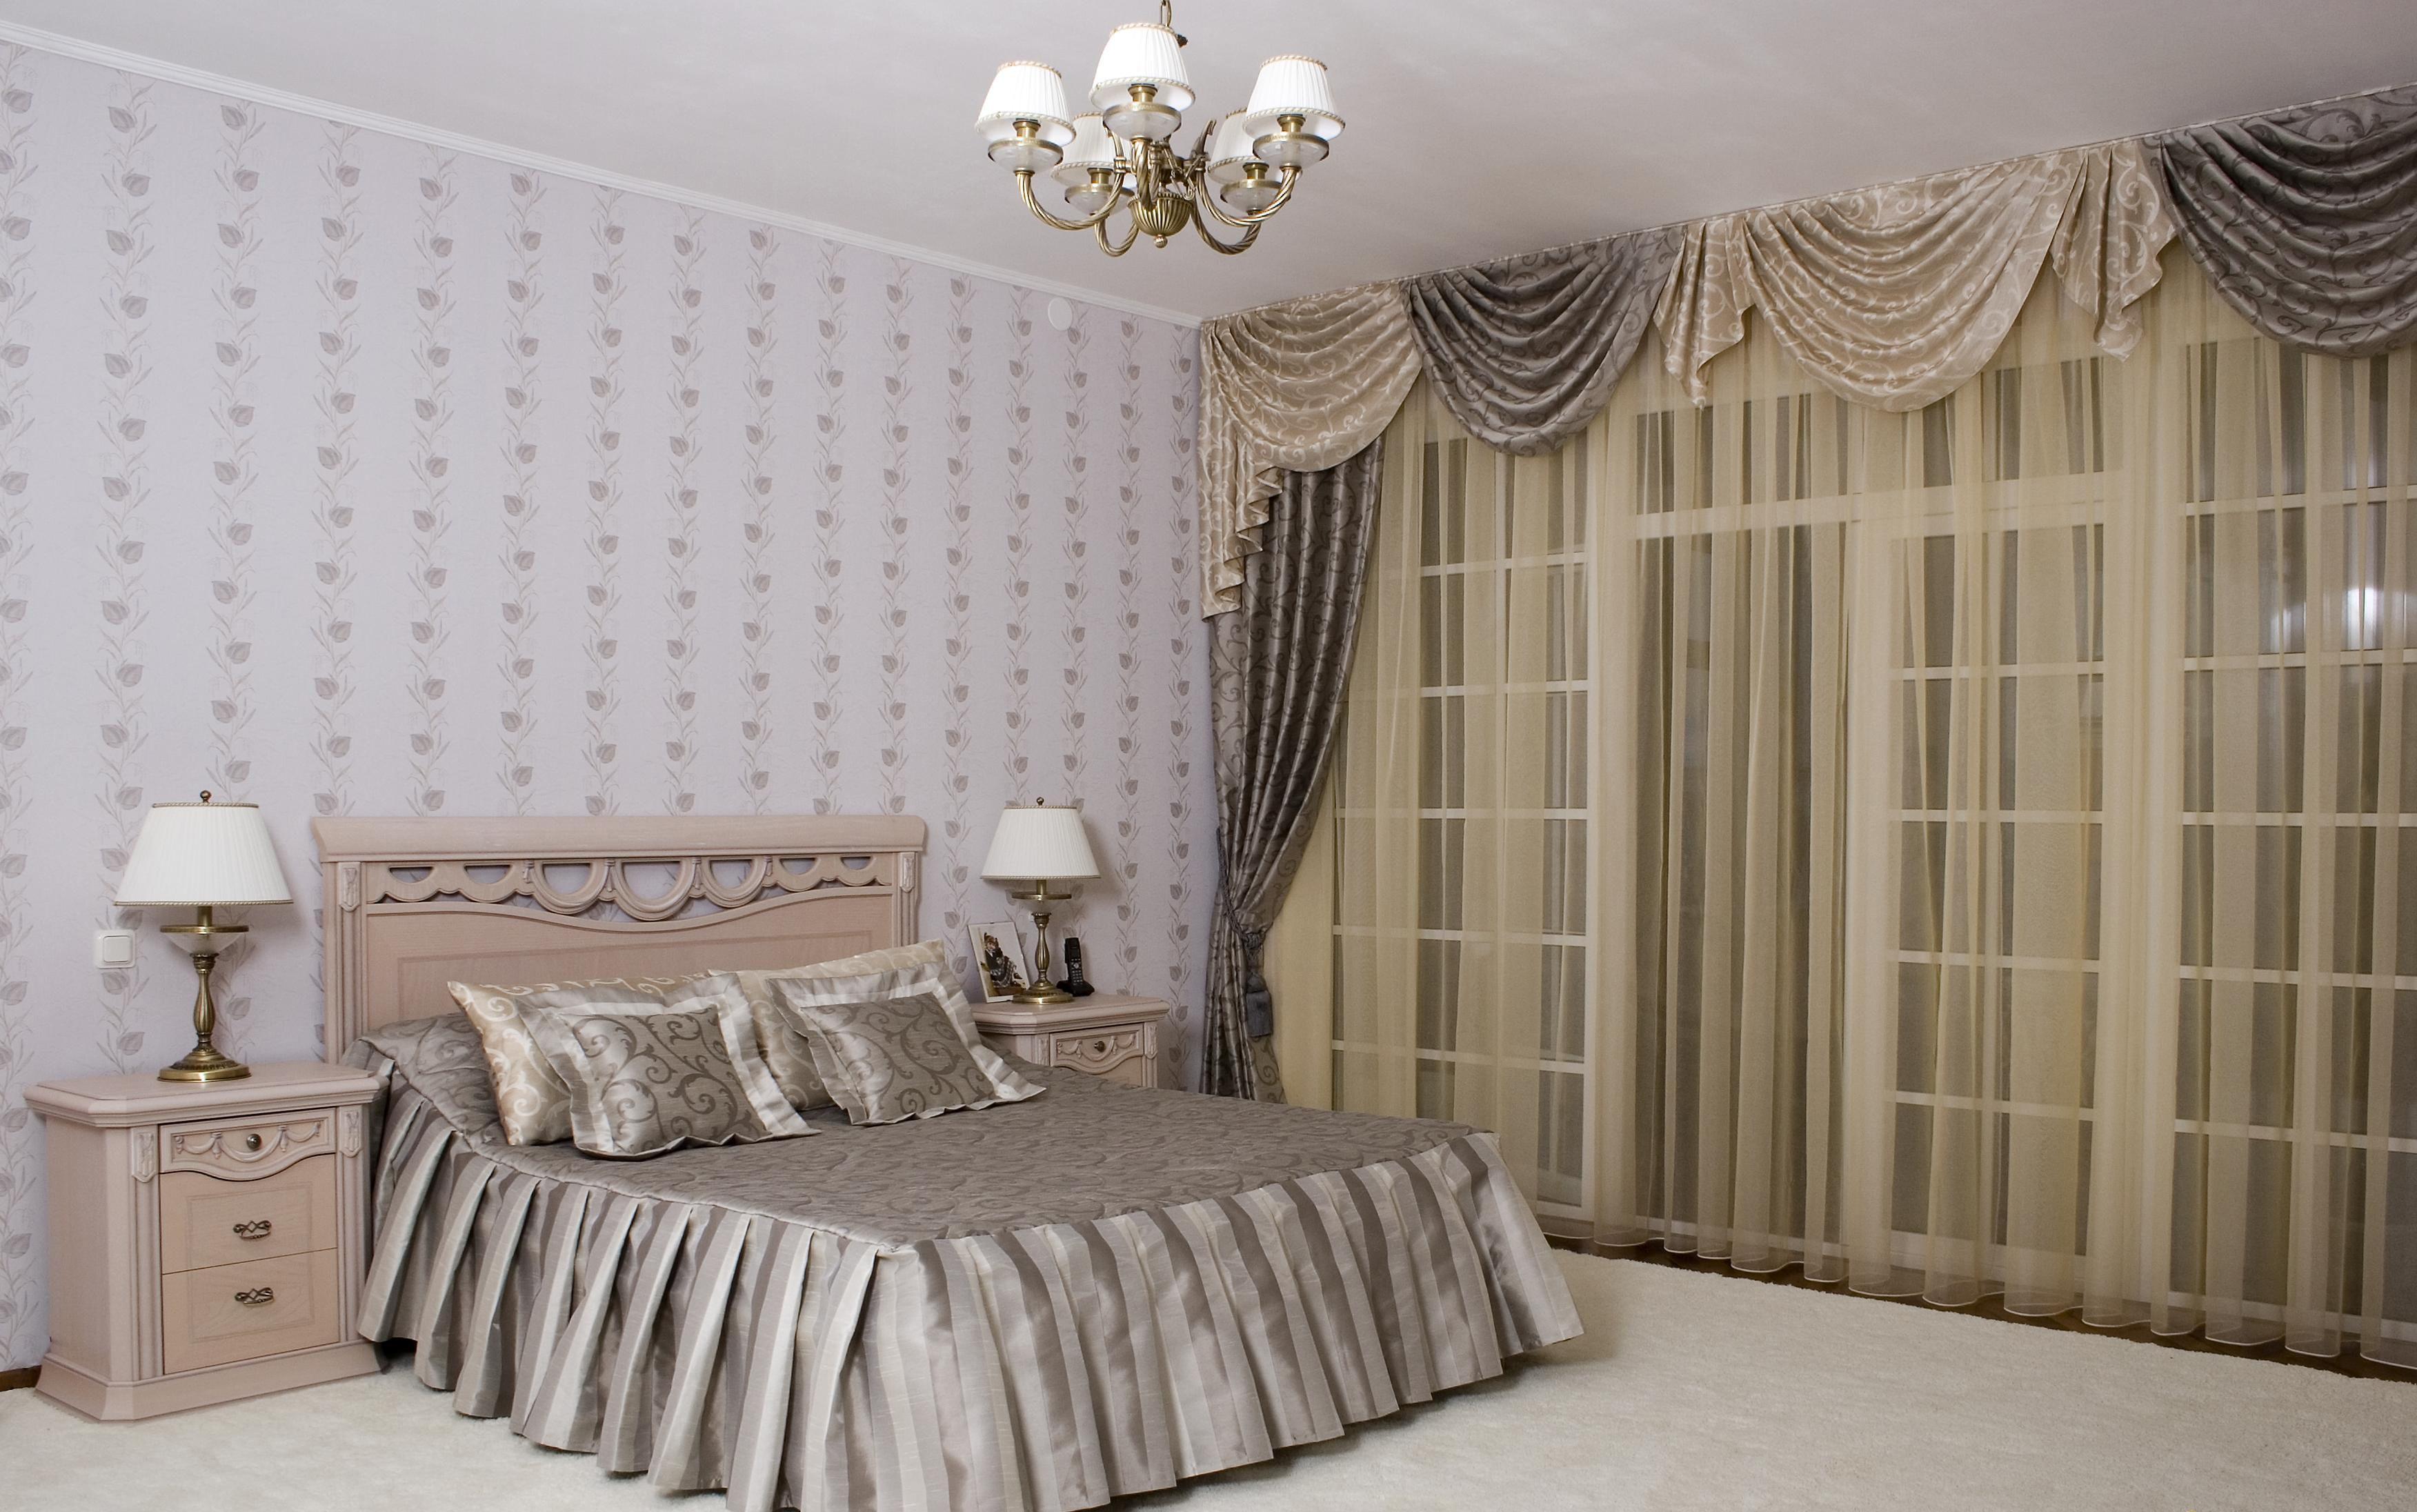 шторы для спальни с балконом фото